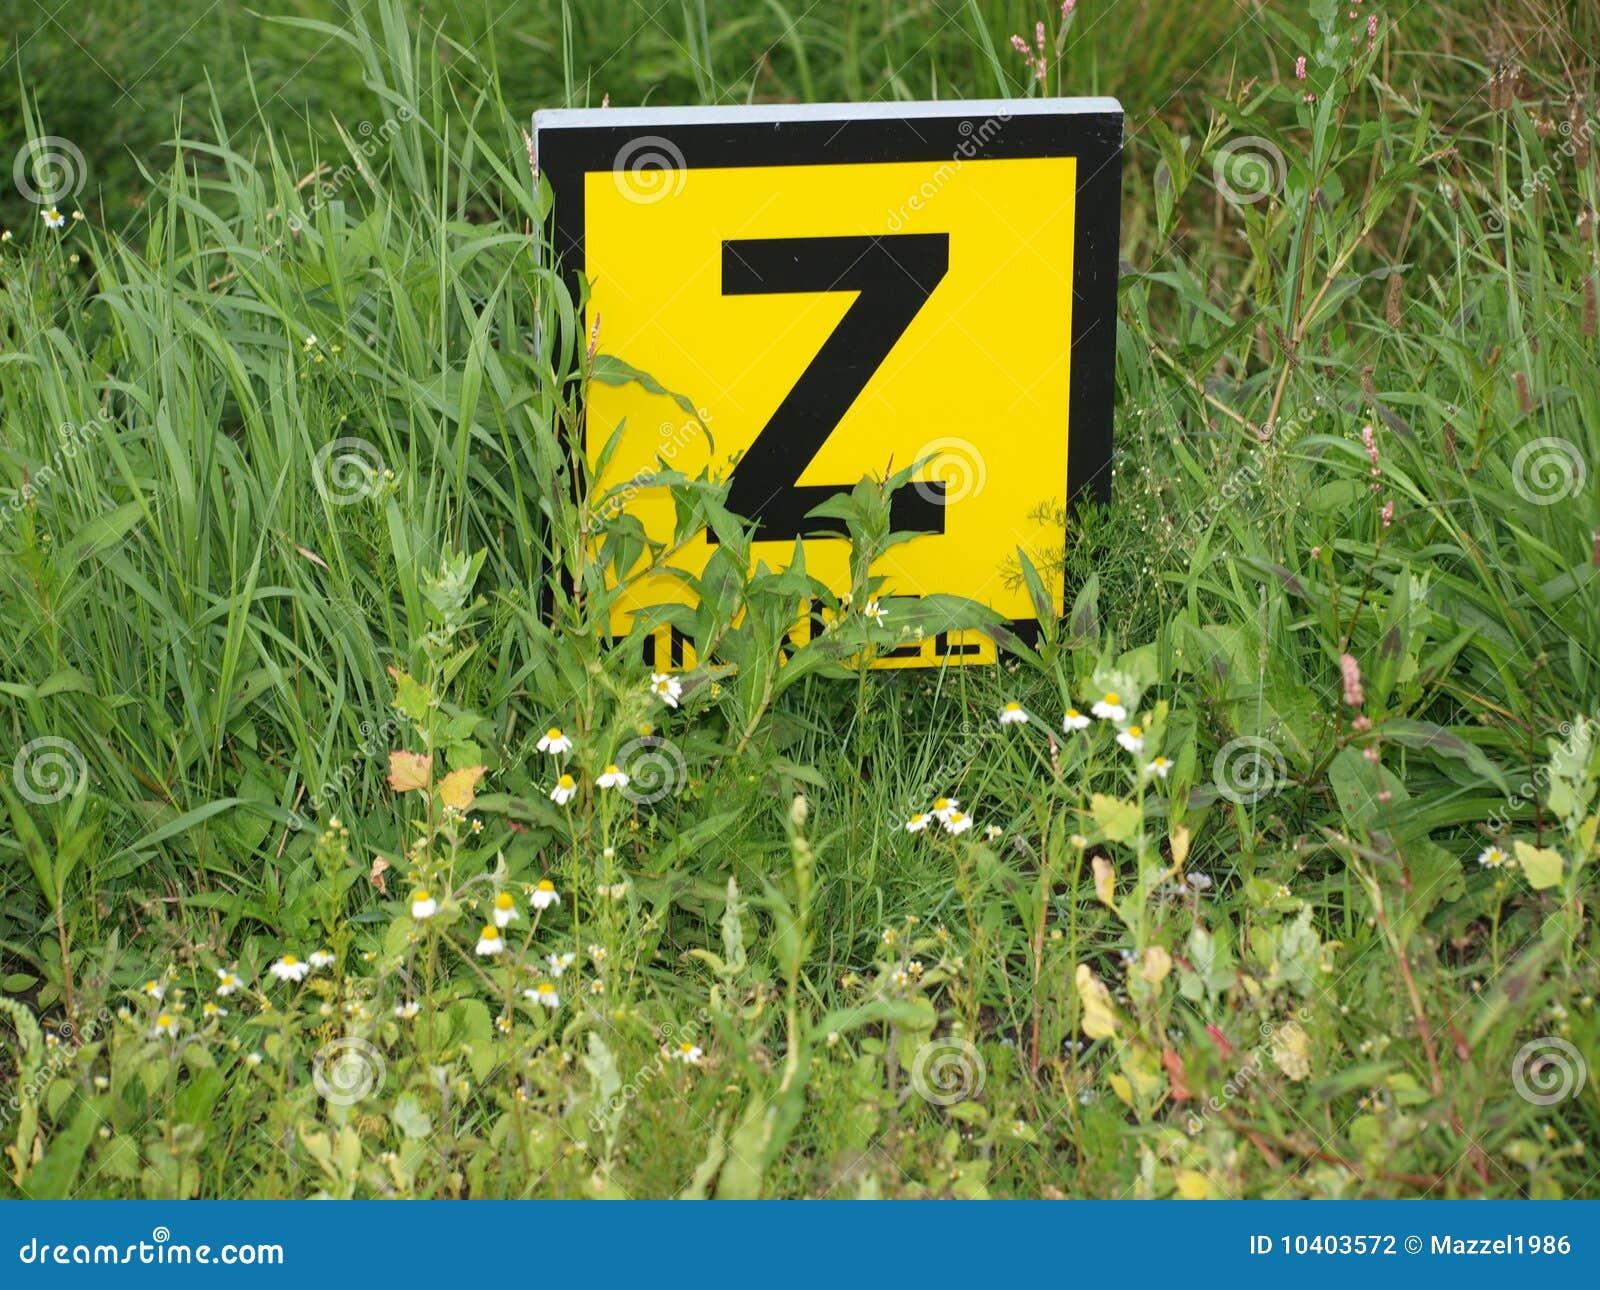 Holländisches Seilzug-Zeichen Z